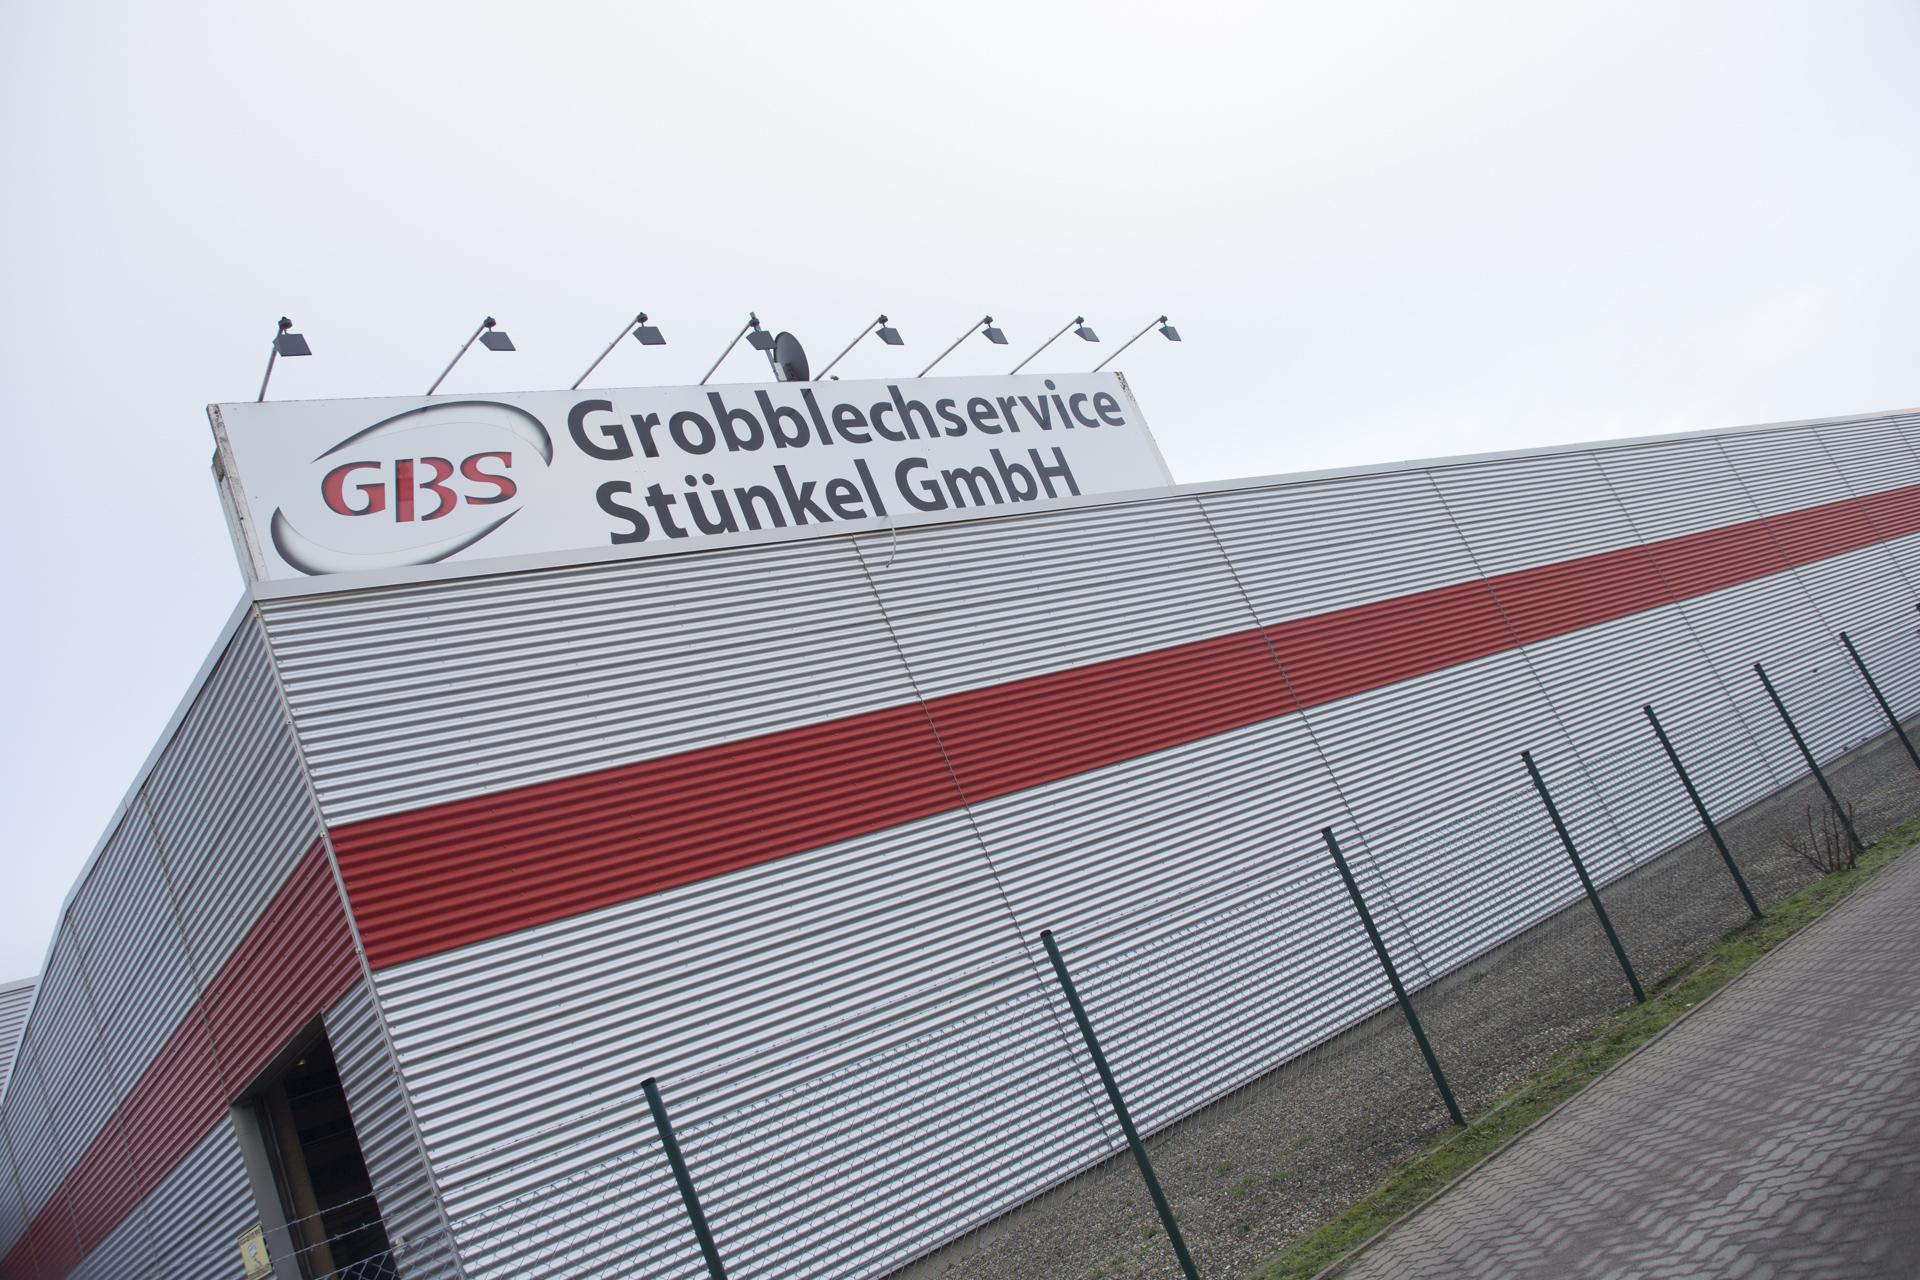 Grobblechservice Stünkel GmbH